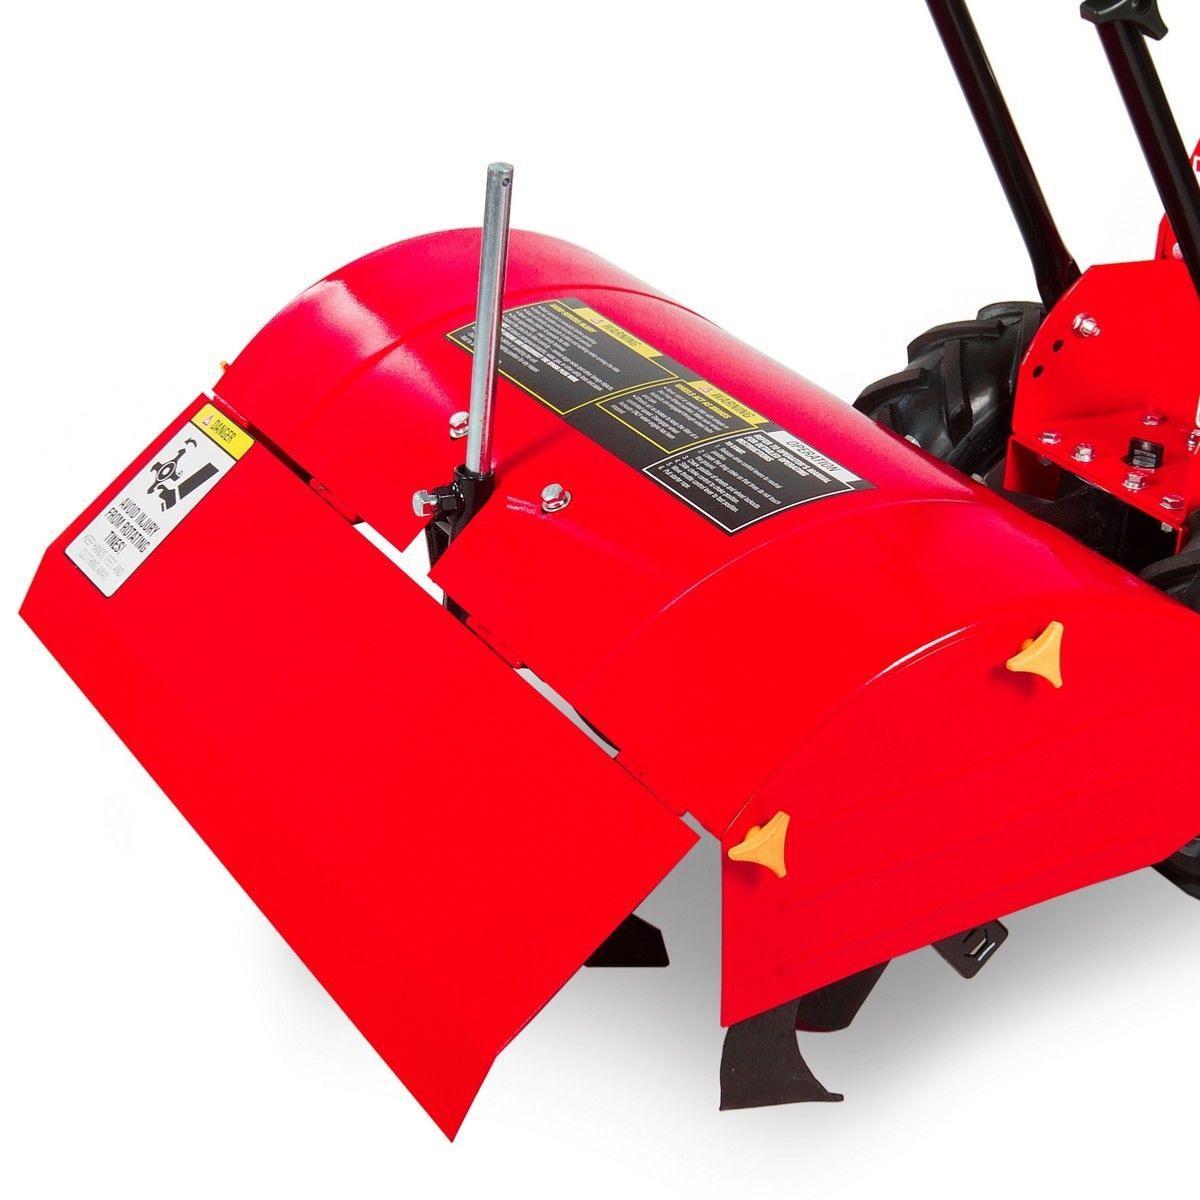 motoculteur type pro 7 cv et 70 cm de largeur de travail